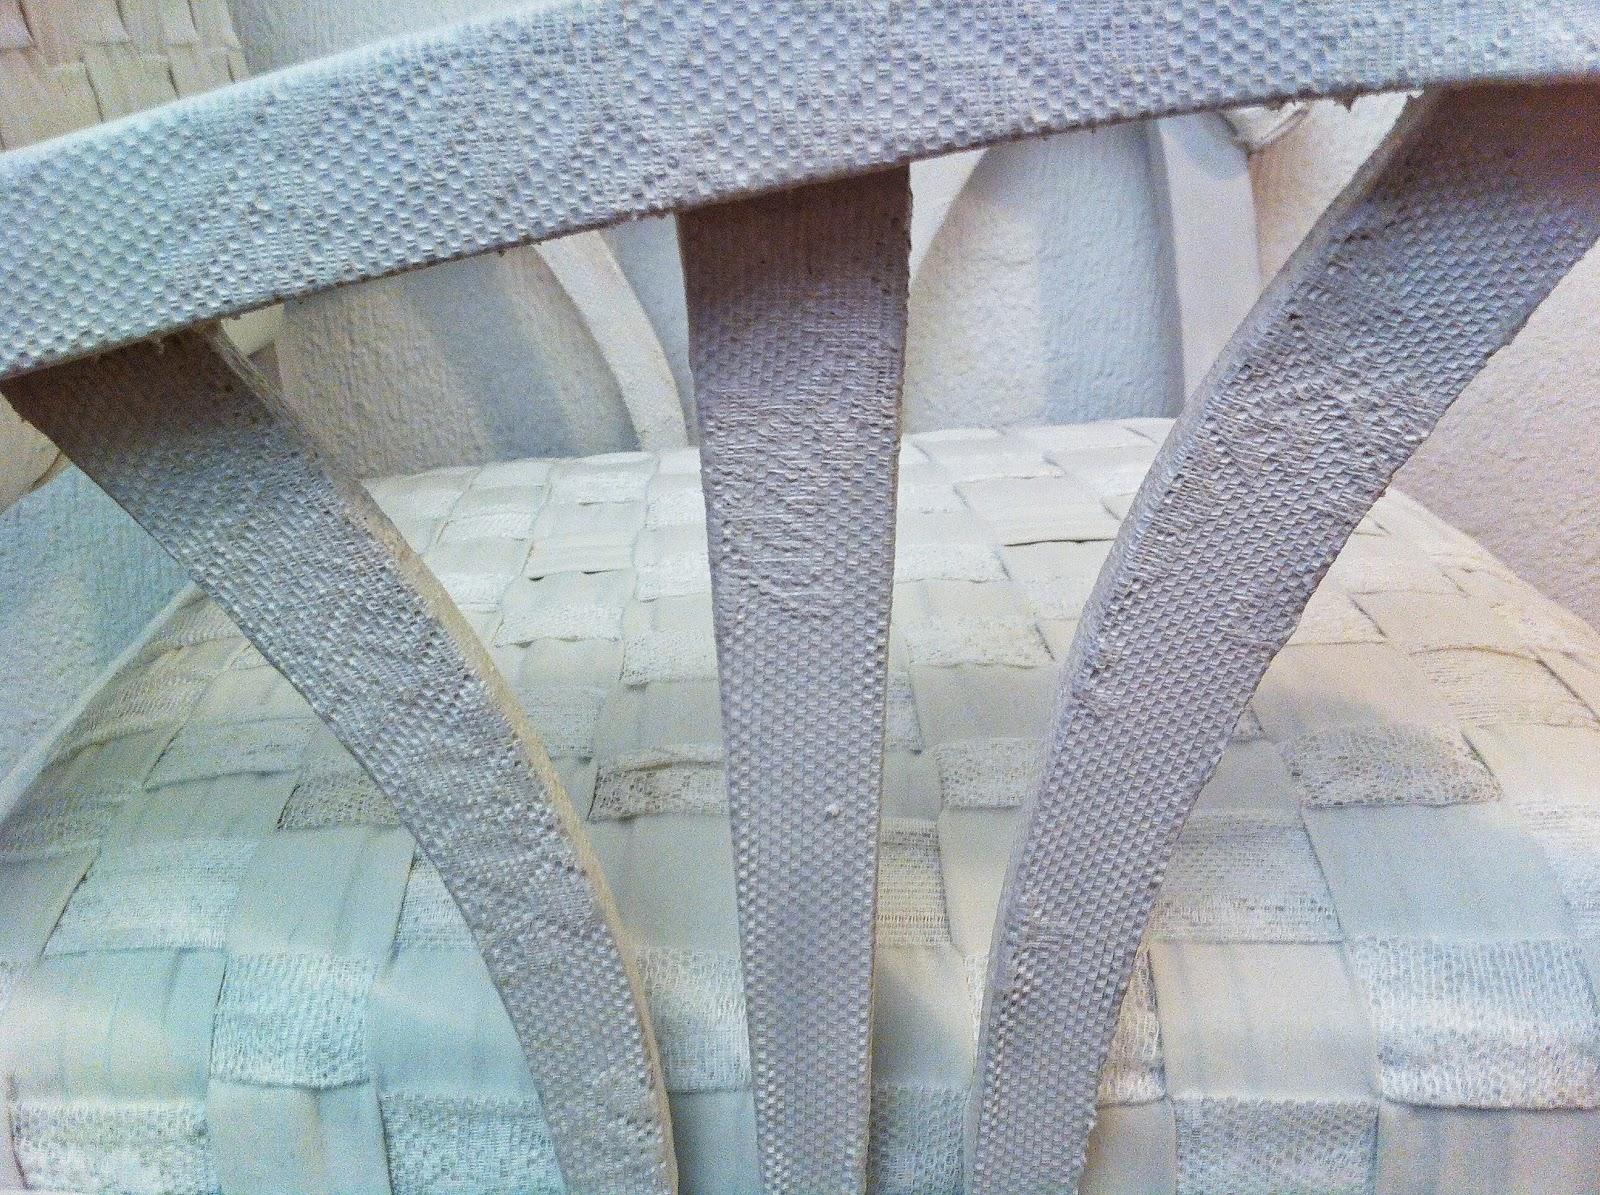 La butaca de la abuela p tula plas muebles y decoraci n for Muebles de la abuela